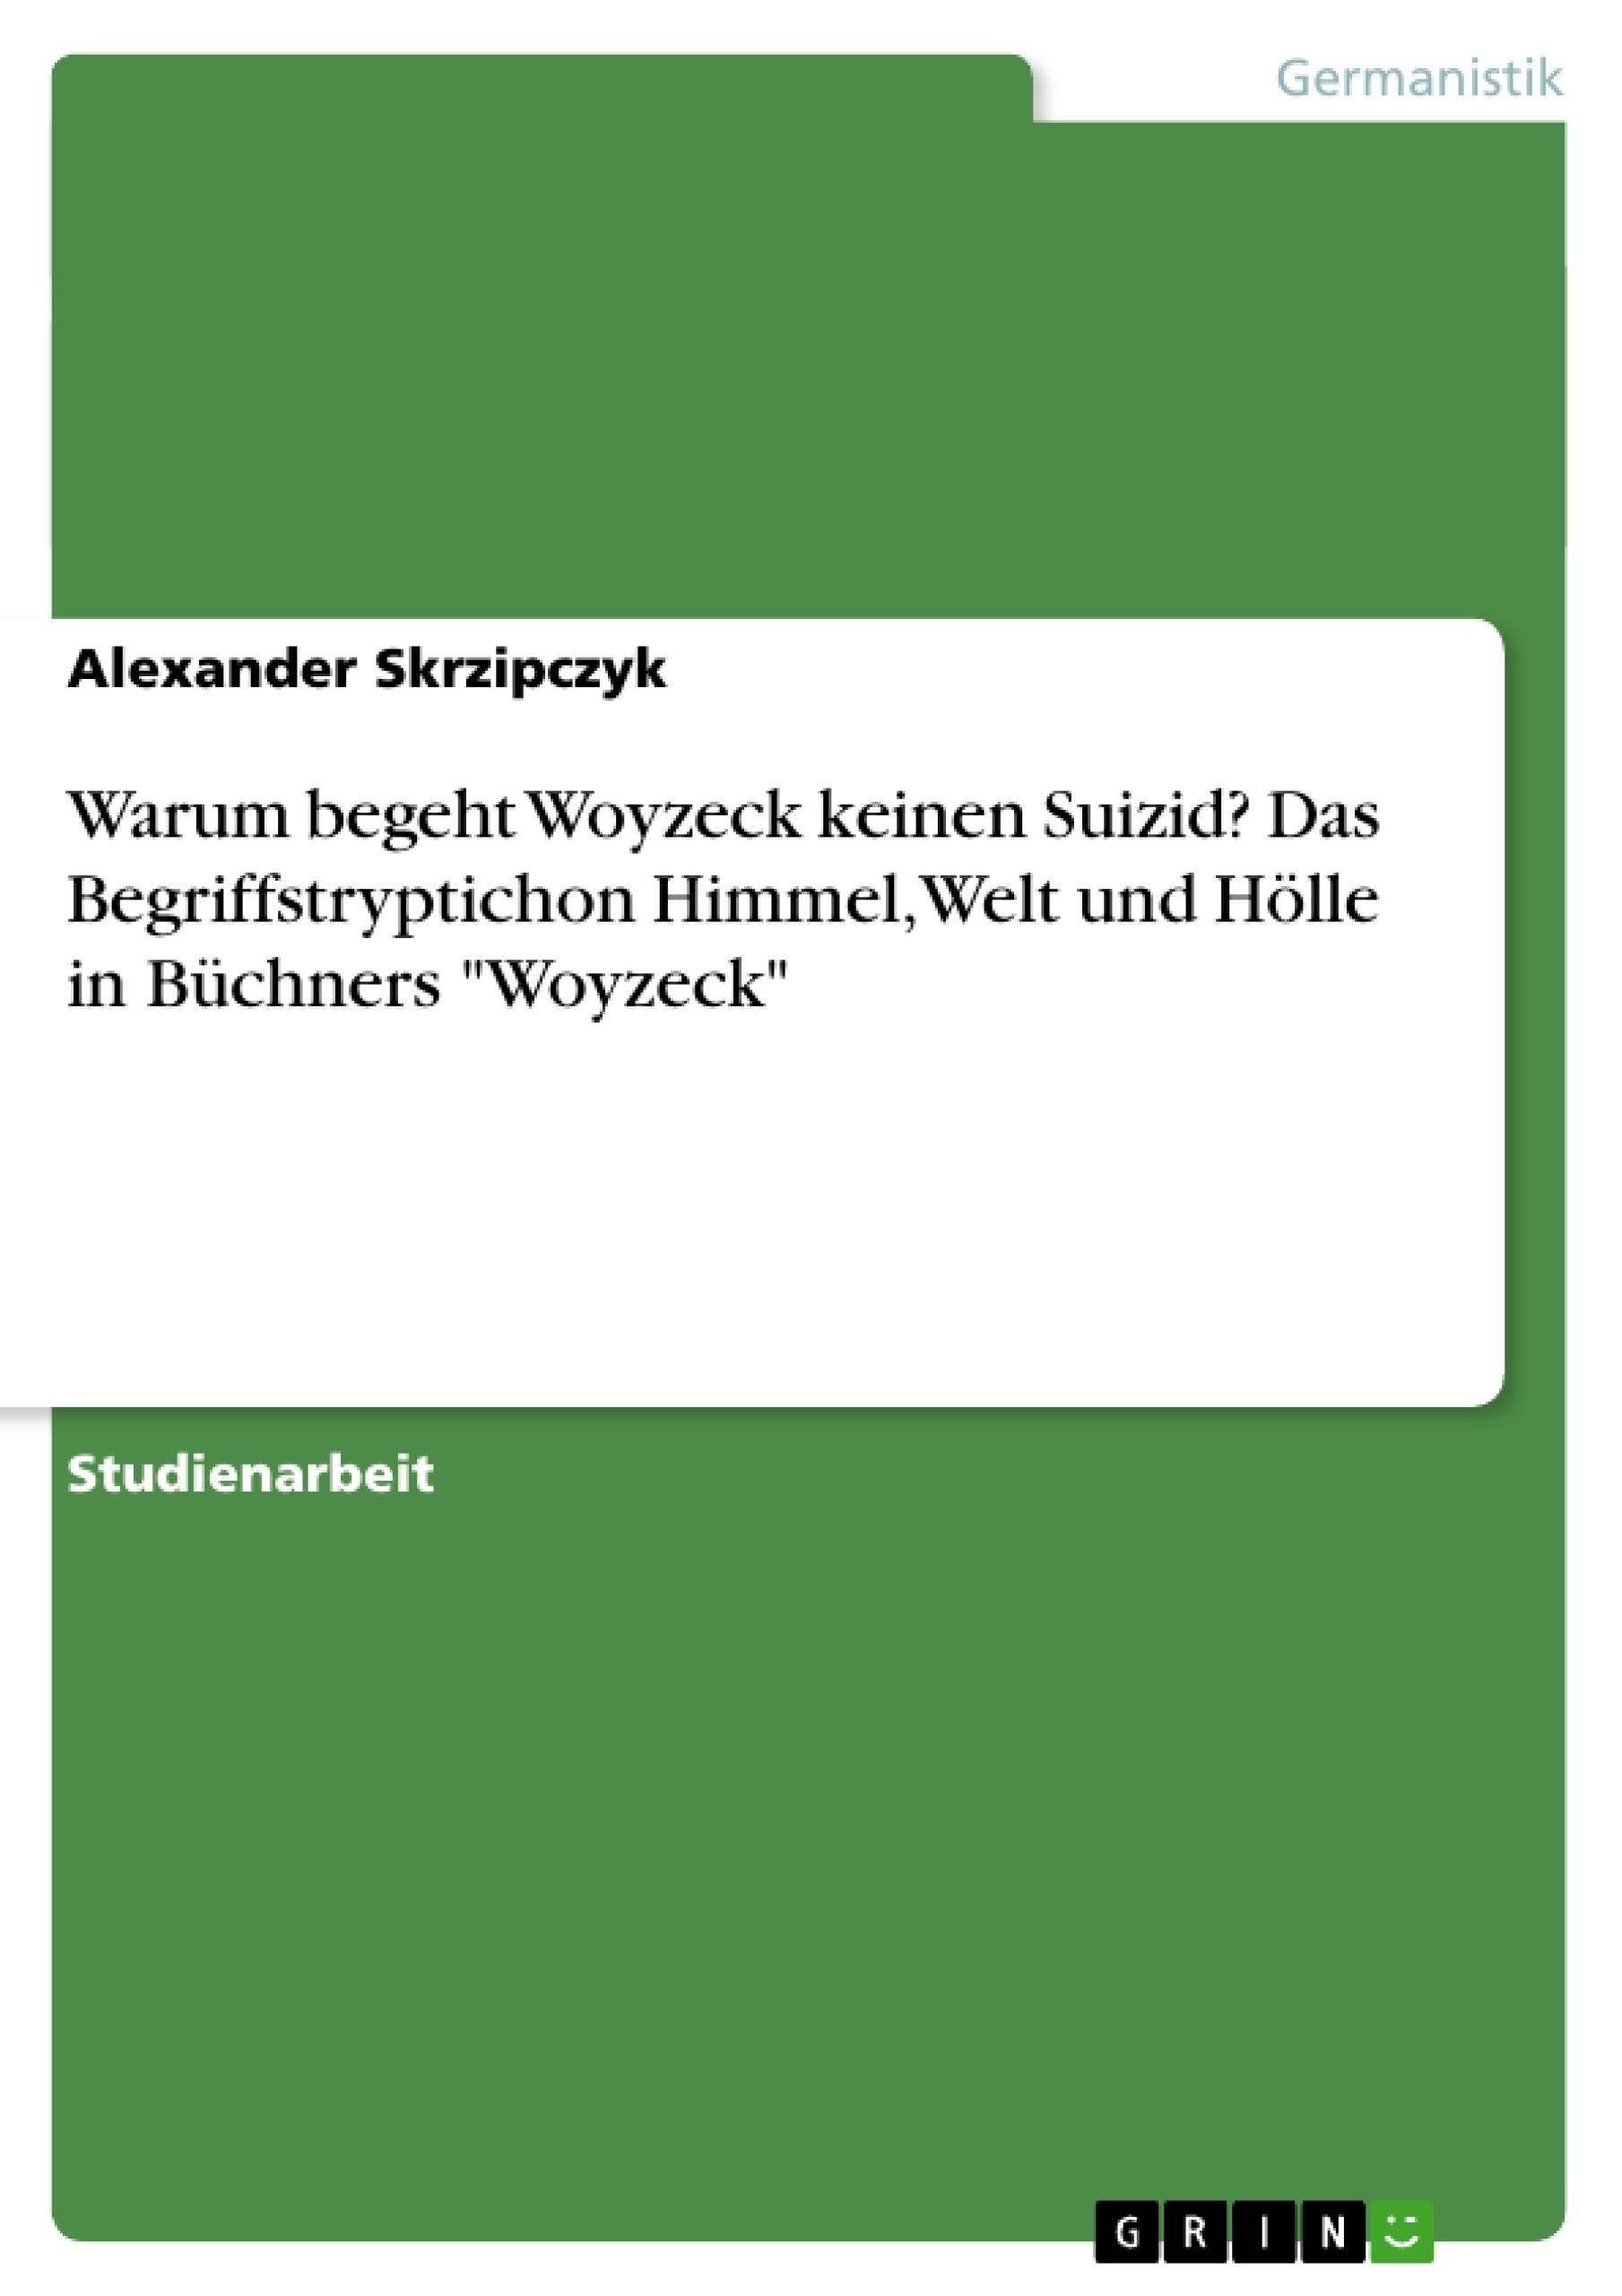 """Titel: Warum begeht Woyzeck keinen Suizid? Das Begriffstryptichon Himmel, Welt und Hölle in Büchners """"Woyzeck"""""""